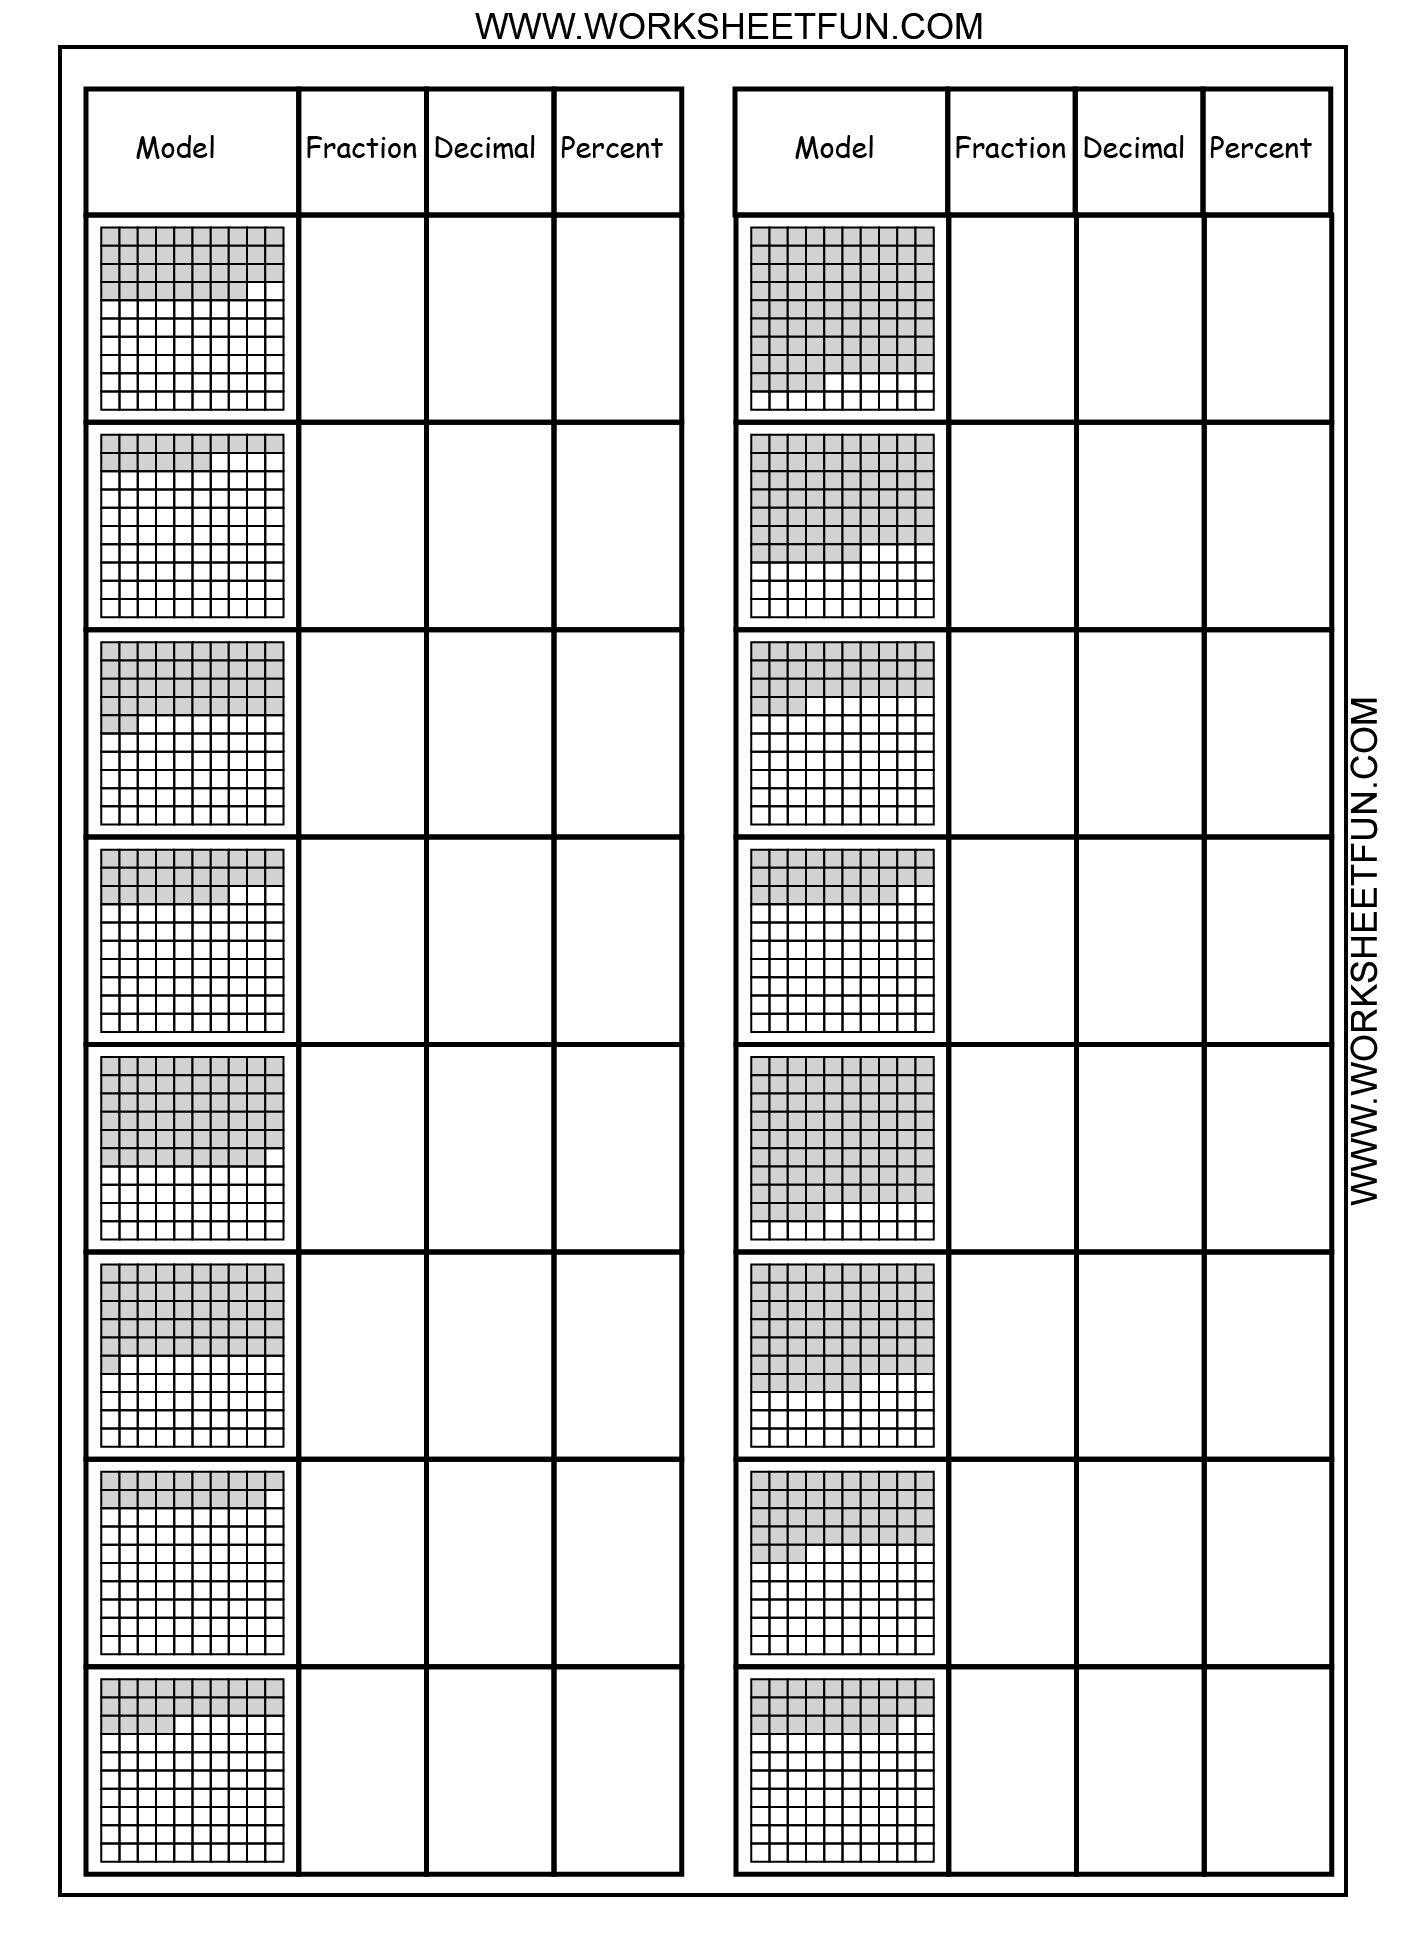 3 Conversion Worksheets Convert Between Percents Fractions